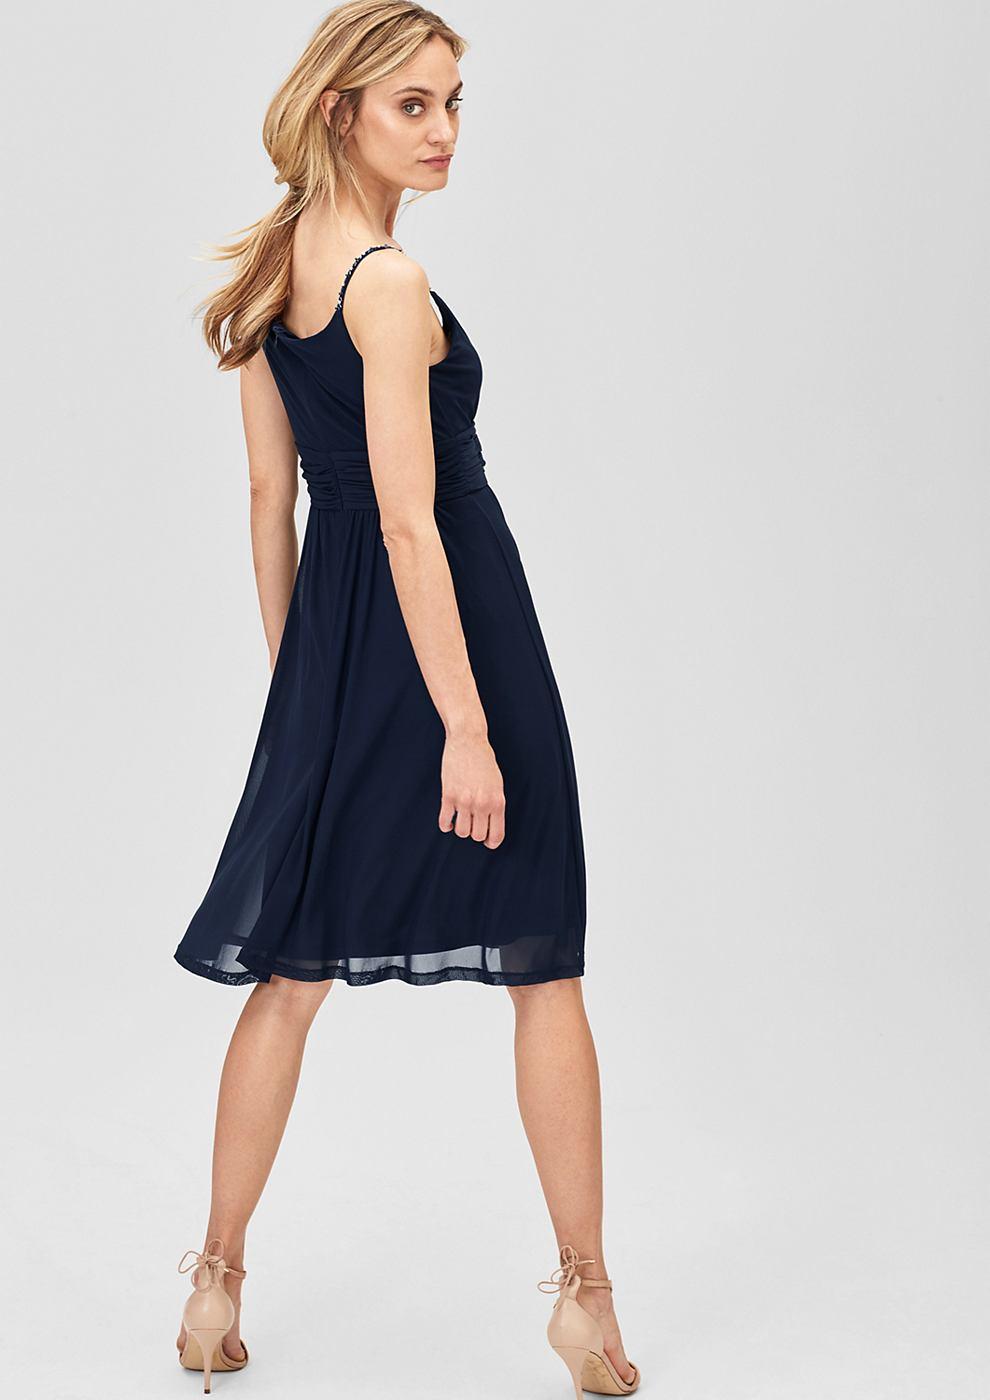 s.Oliver Premium Mesh jurk met stras-schouderbandjes blauw